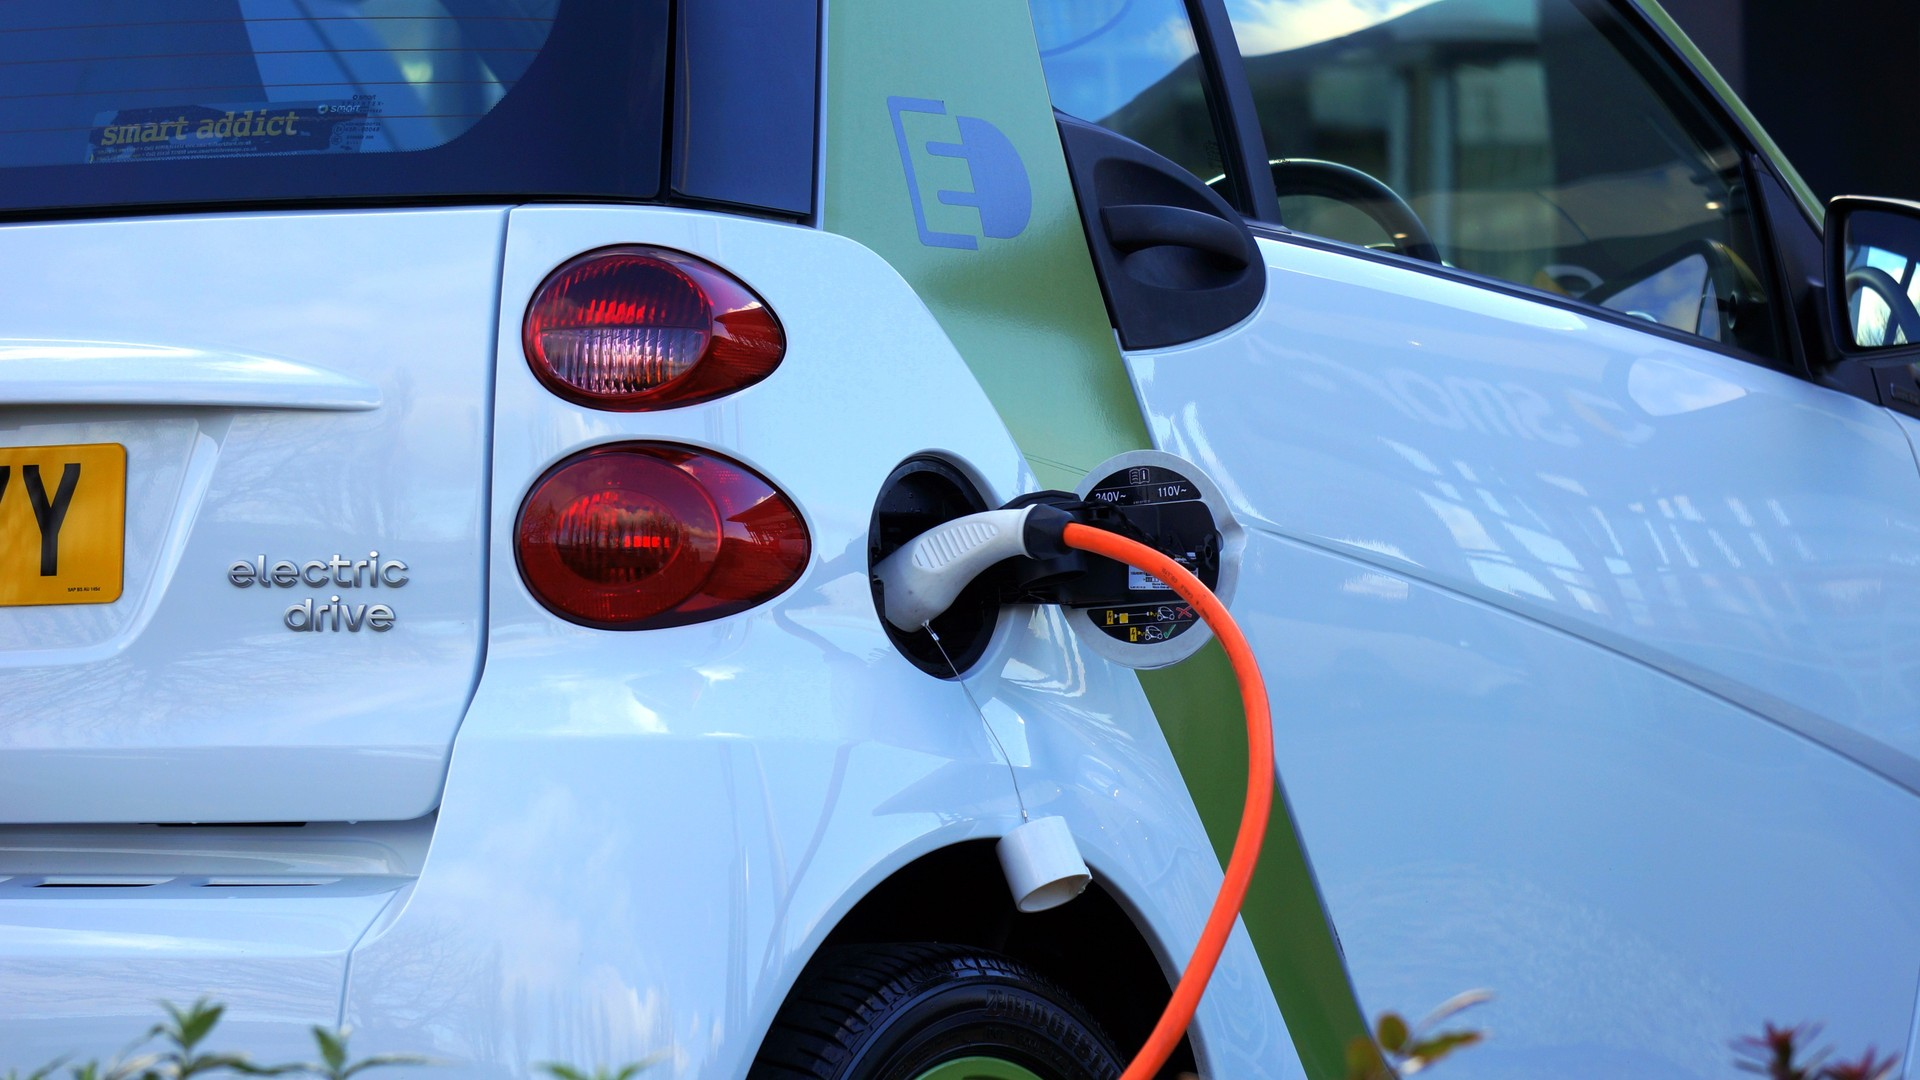 Lancering Groepsaankoop Voor Elektrische Wagens In Vlaanderen Emis